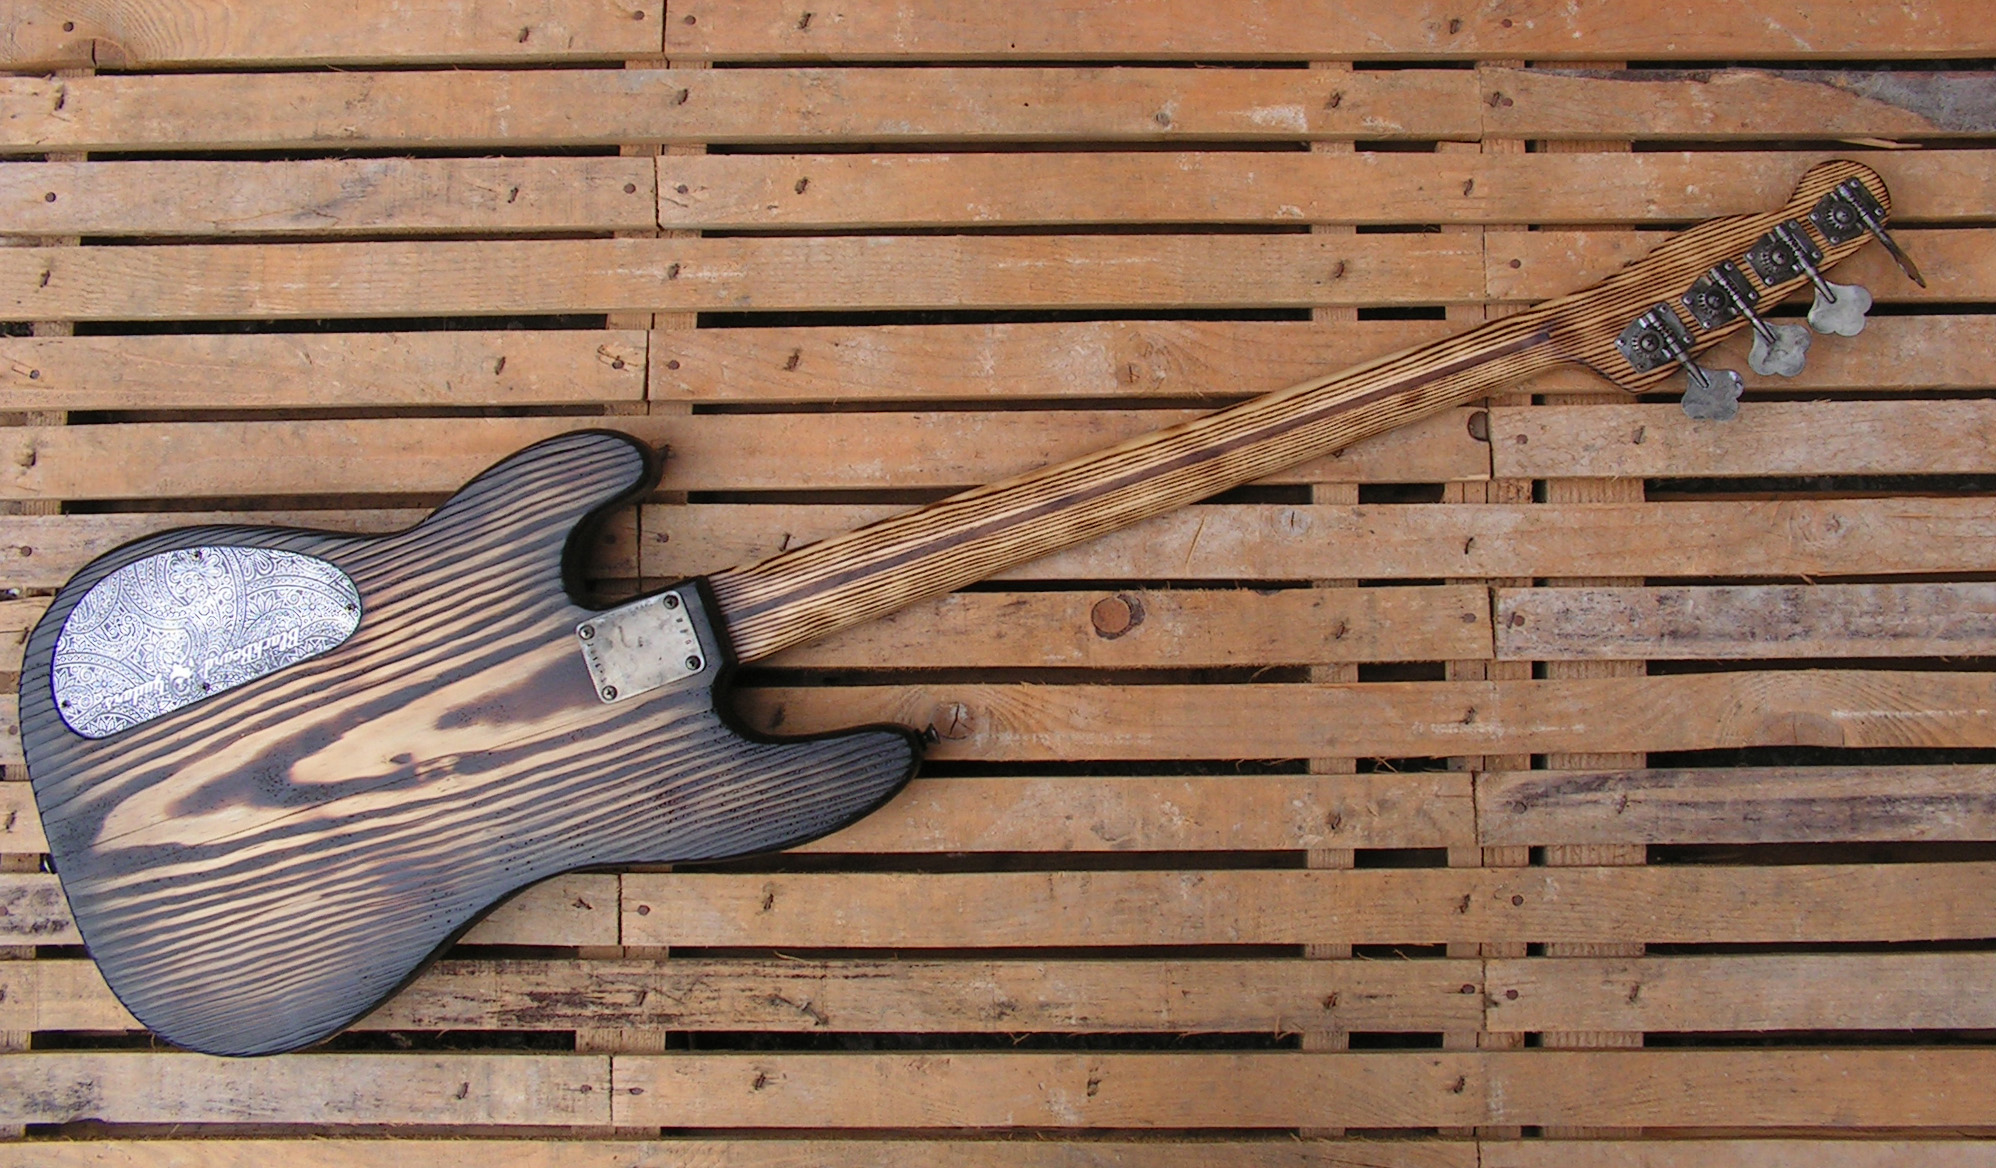 basso Precision 51 in pino retro